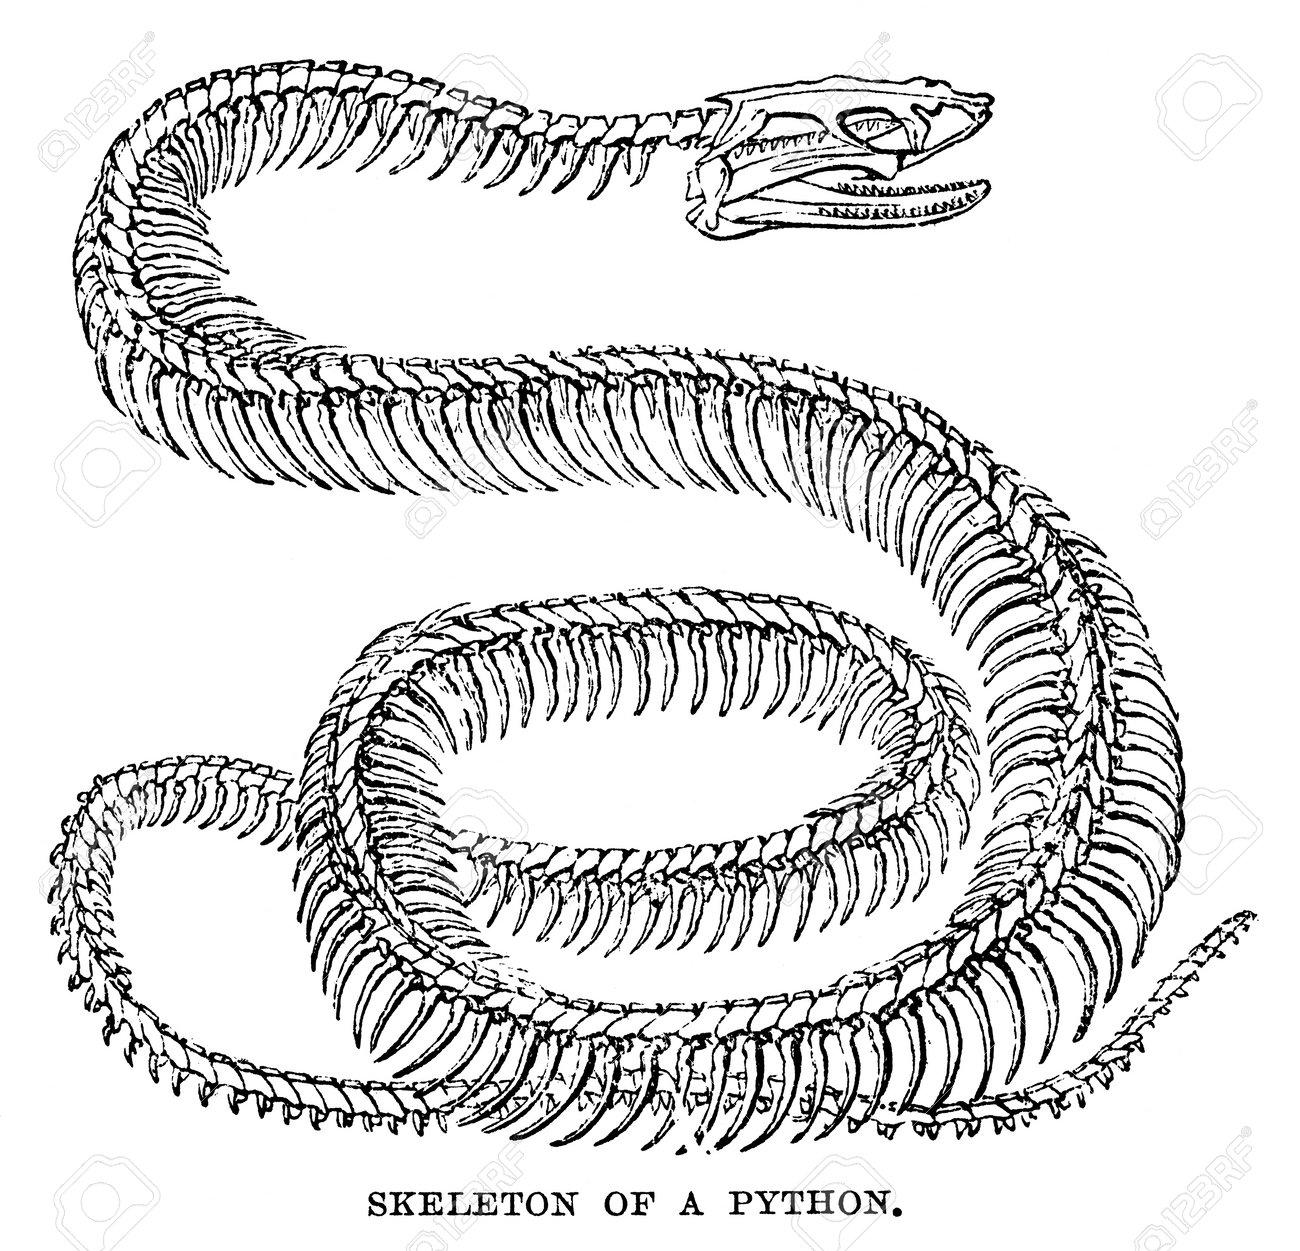 Una Imagen Grabada De Un Esqueleto De Serpiente Pitón En El Libro La ...